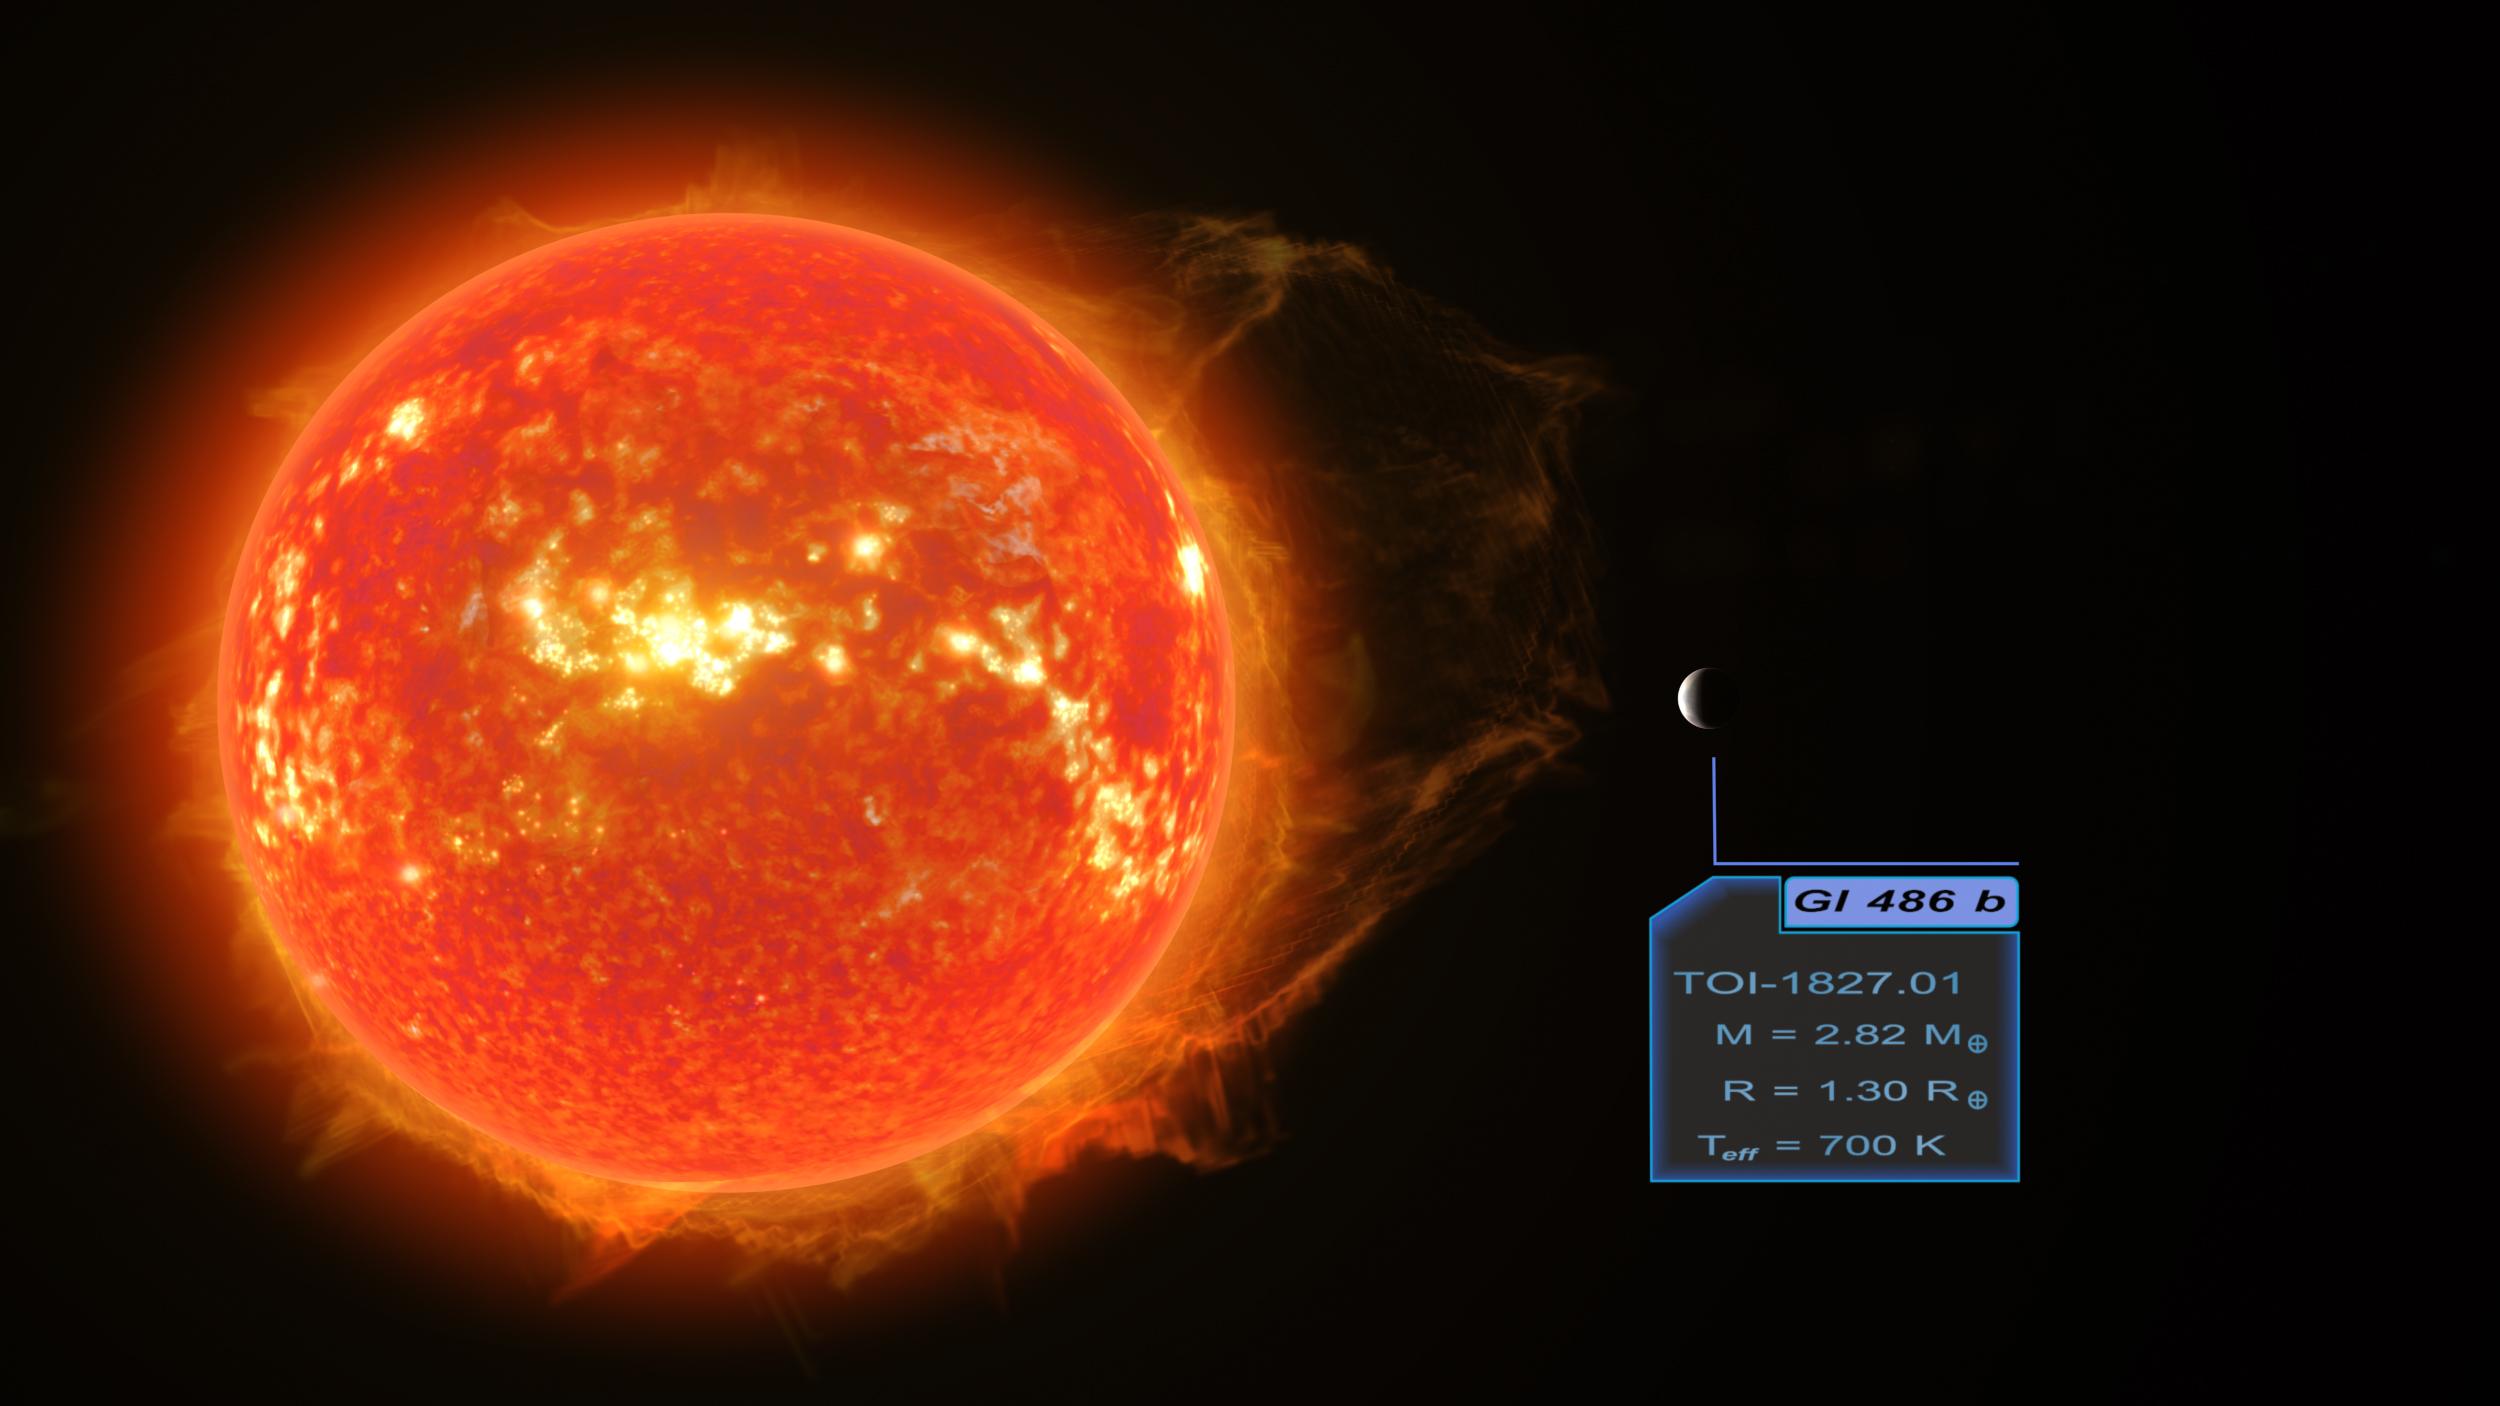 La nouvelle exoplanète Gliese 486 b tourne autour d'une étoile naine rouge à environ 30% aussi massive que le soleil de la Terre.